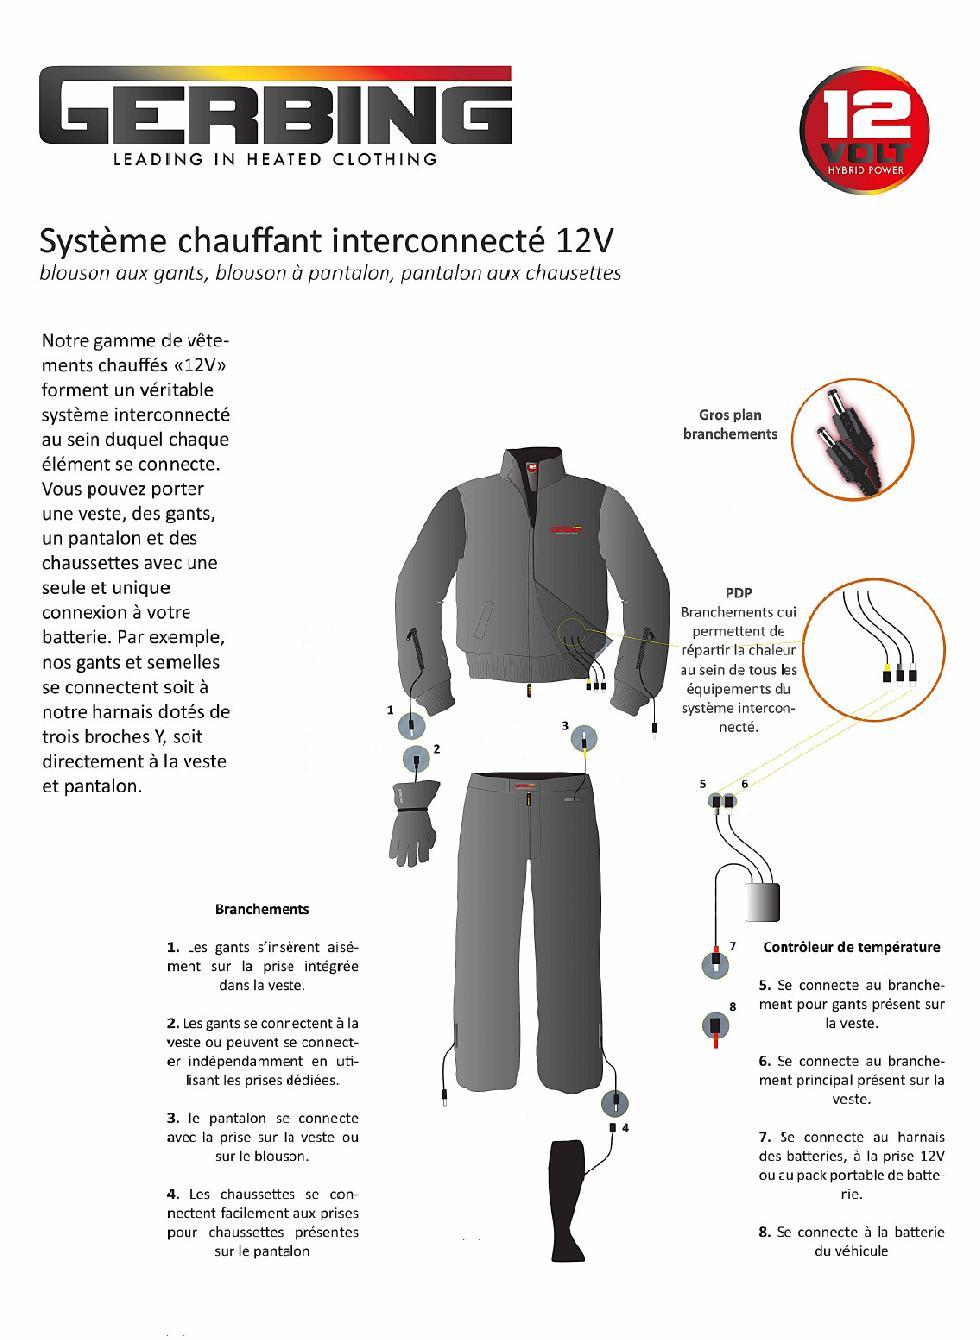 Chaussettes chauffantes GERBING Unisexe - 12 VOLT - S12 - Image 1